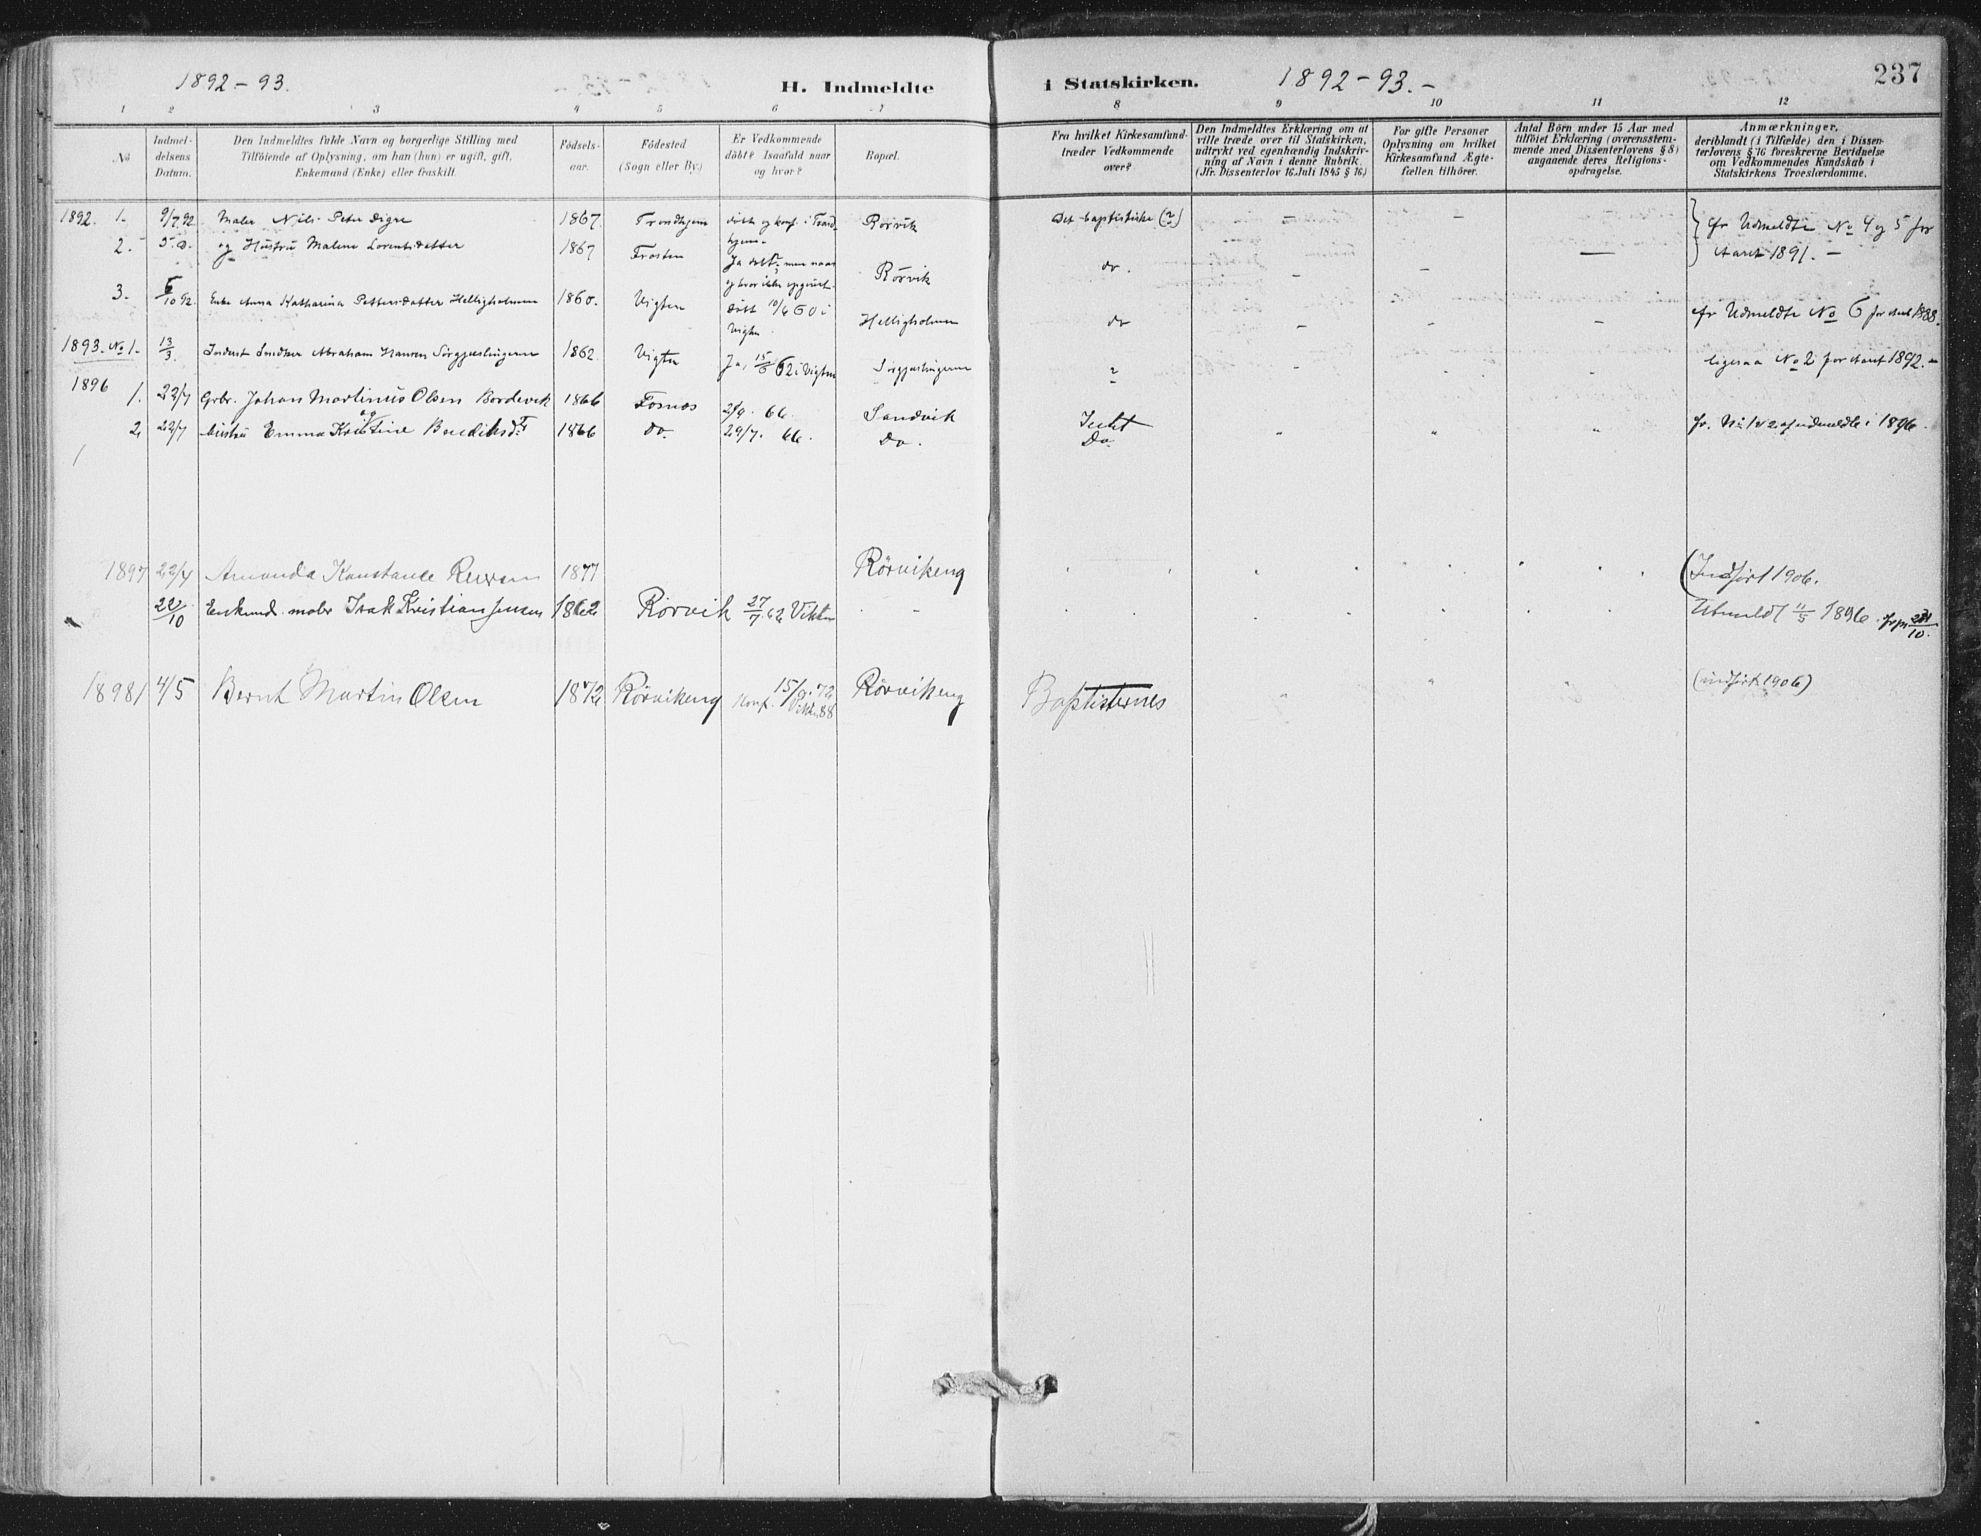 SAT, Ministerialprotokoller, klokkerbøker og fødselsregistre - Nord-Trøndelag, 786/L0687: Ministerialbok nr. 786A03, 1888-1898, s. 237